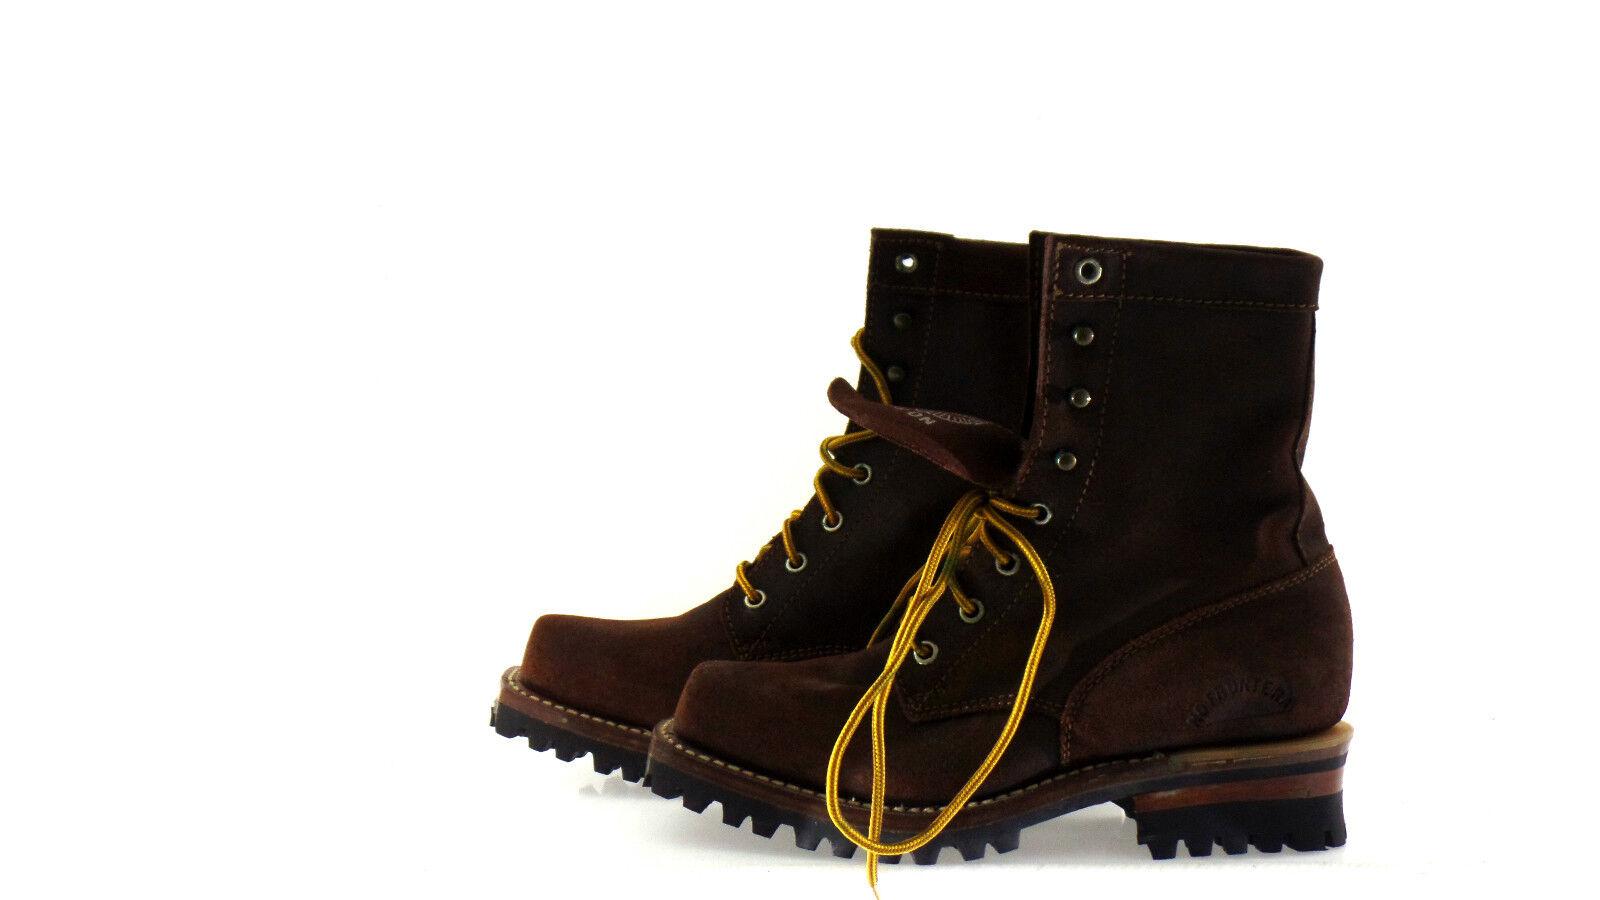 Westernstiefelette laborales vaquero Boot 42 marrón con cordones méxico nuevo...